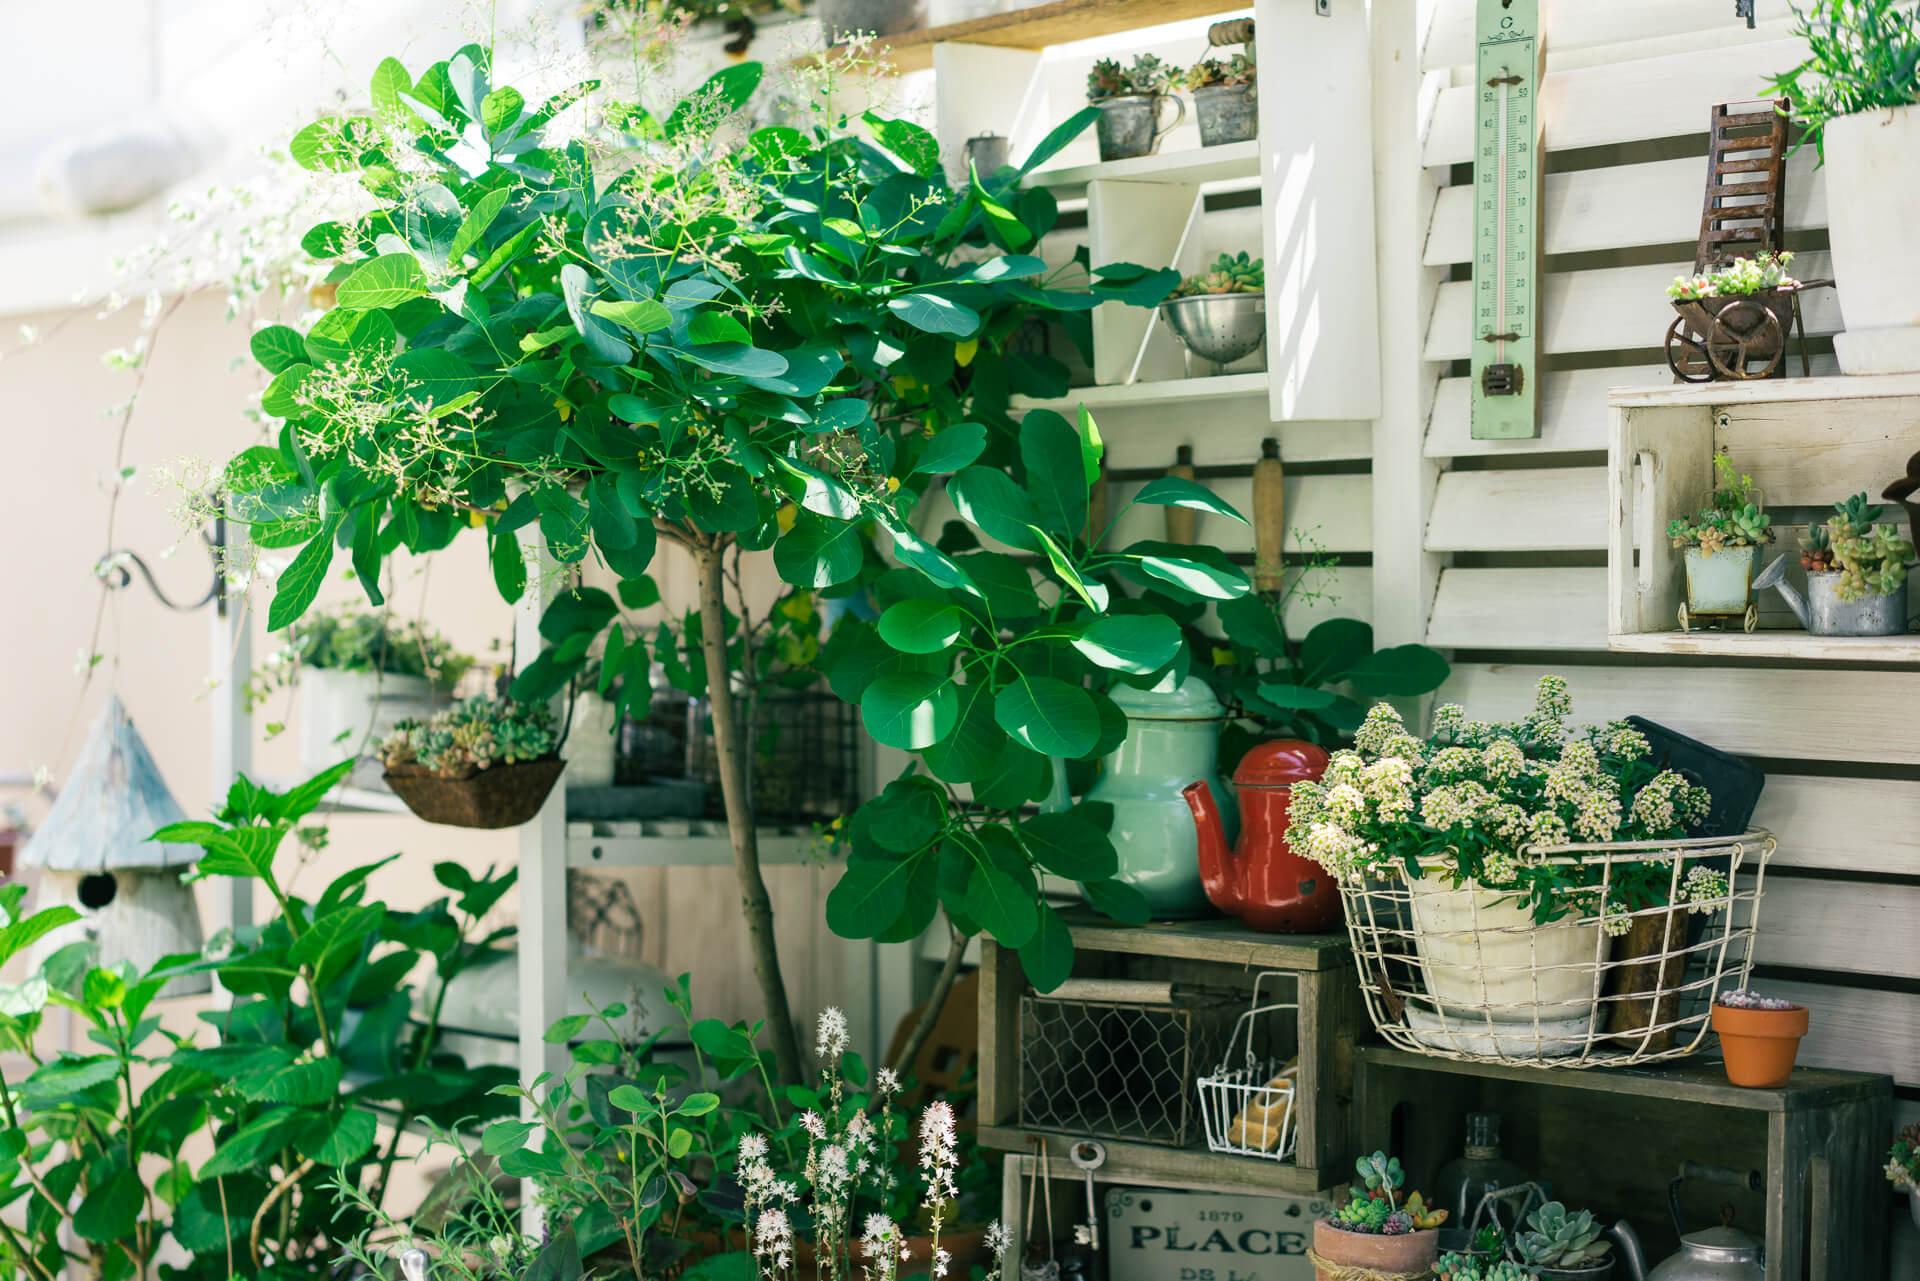 「何よりも、バランスが大事」とkokkomachaさん。冬も寂しくならないよう、お花や雑貨に混ざって常緑樹もところどころに配置。リースにもできるユーカリポポラスや、スモークツリーがお気に入り。